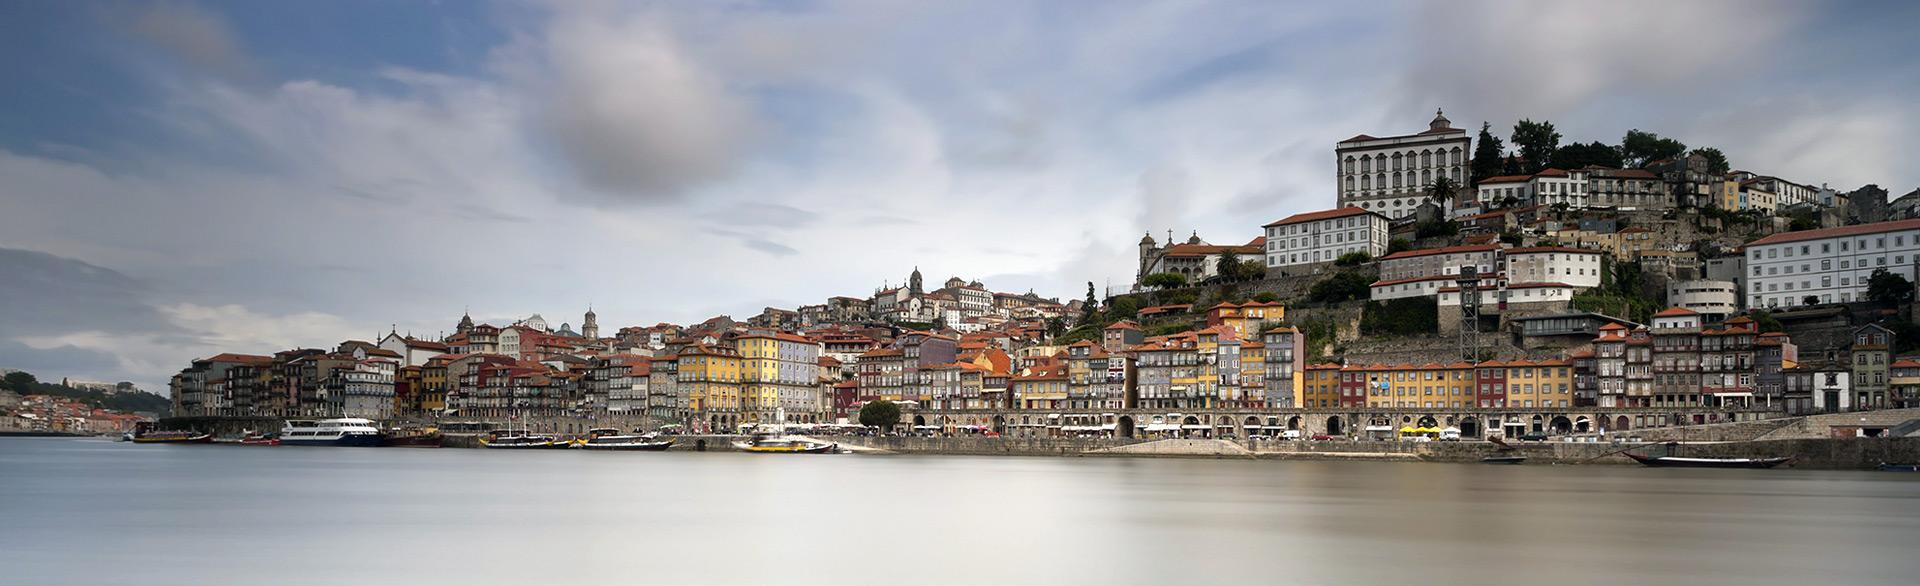 porto_paisagem